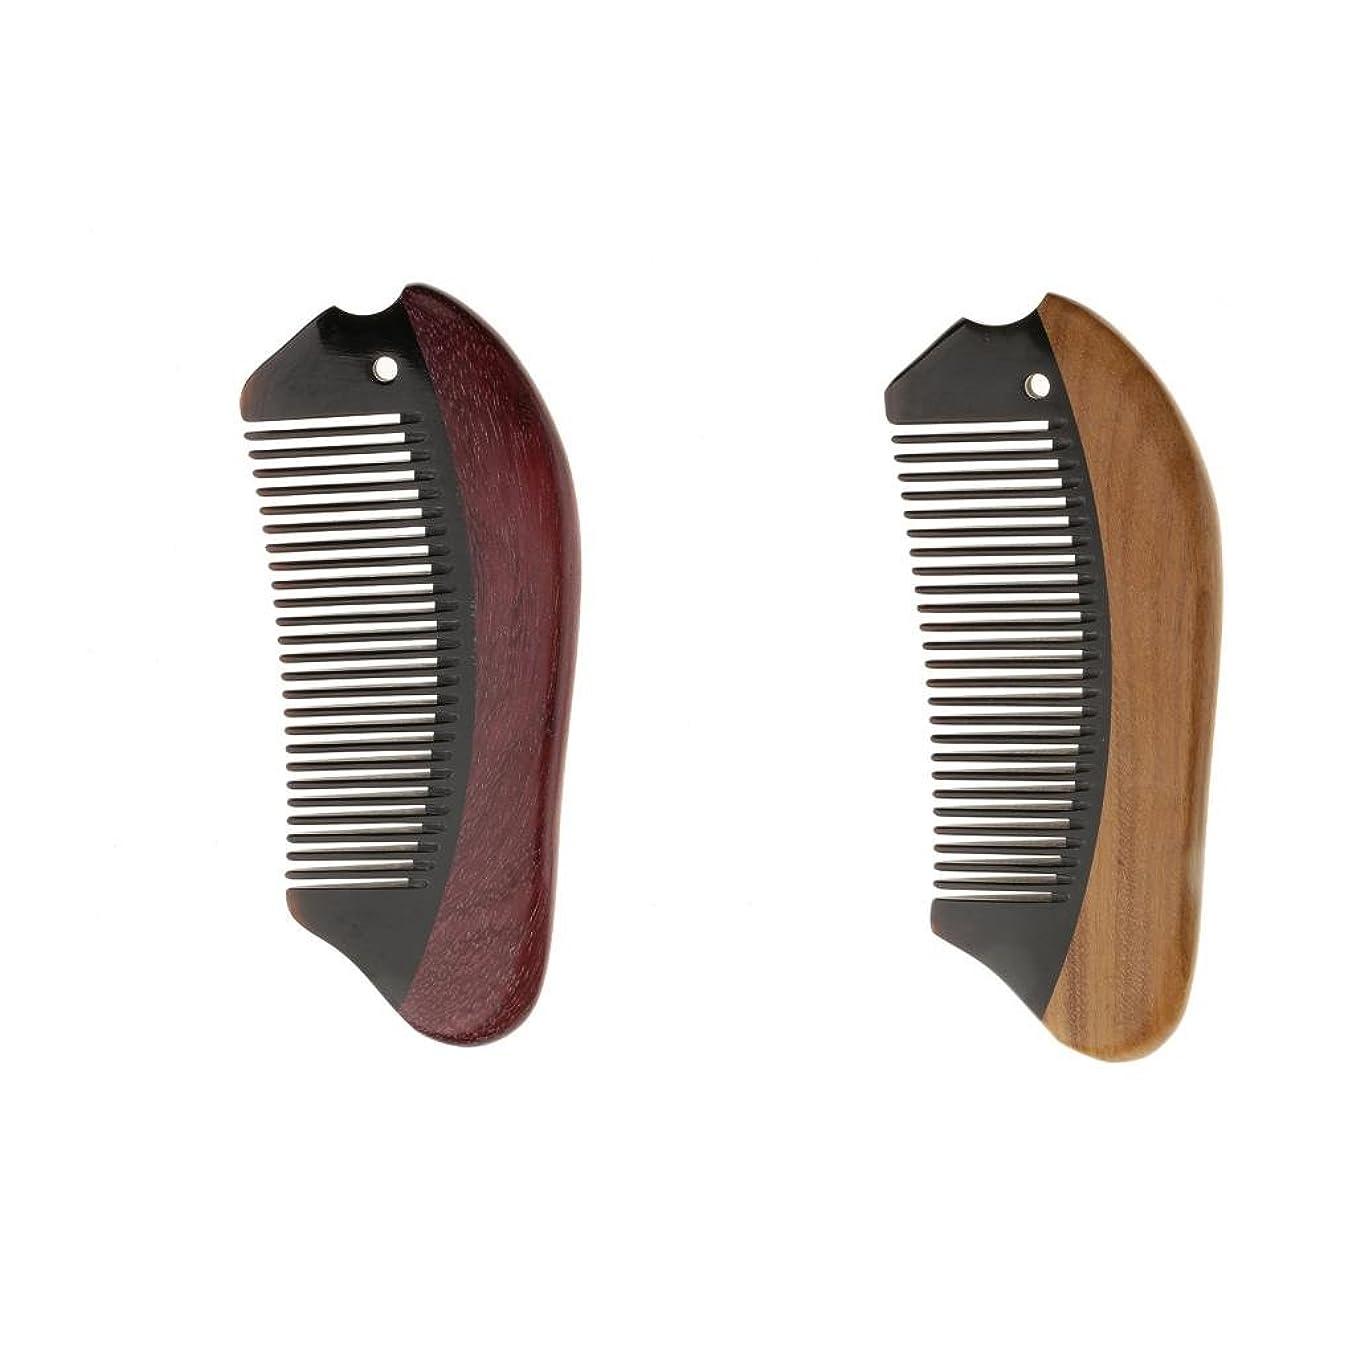 証言する通路専門化するHomyl 2個 木製 櫛 コーム 静電気防止 マッサージ 高品質 プレゼント 滑らか 快適